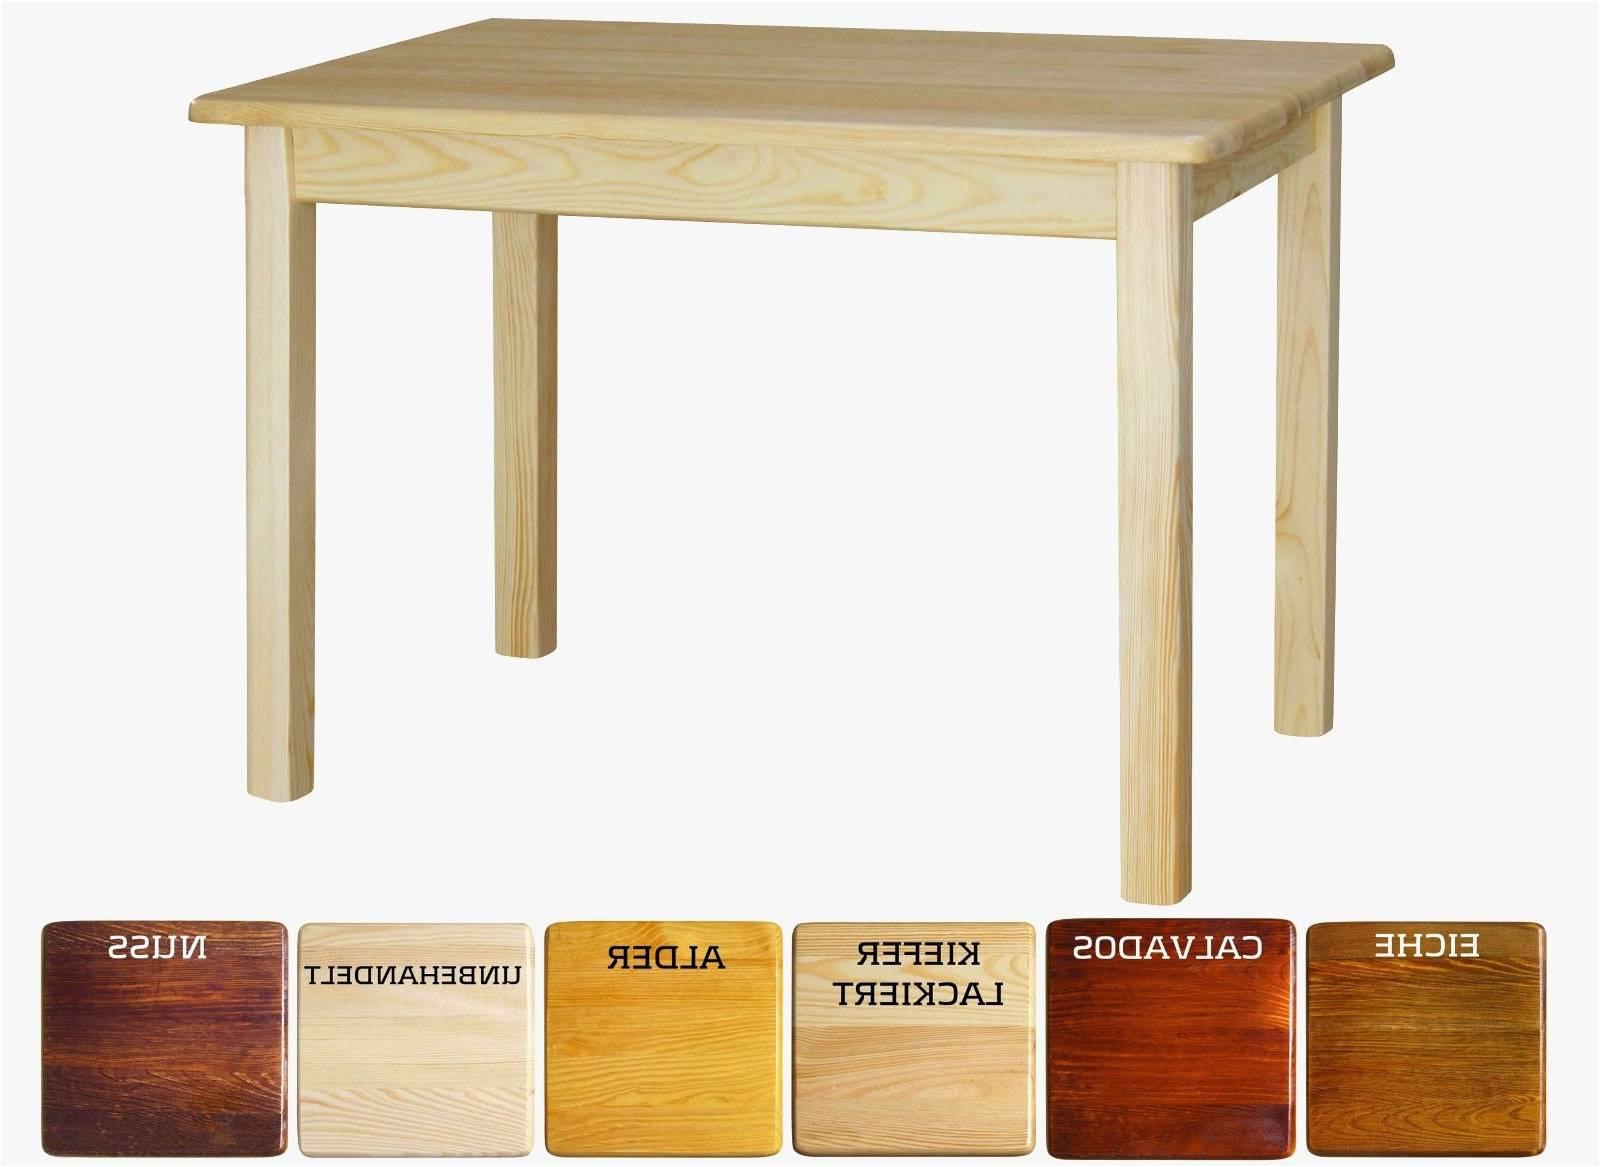 Kleiner Küchentisch Mit Sitzbank Esstisch Ikea Weiß